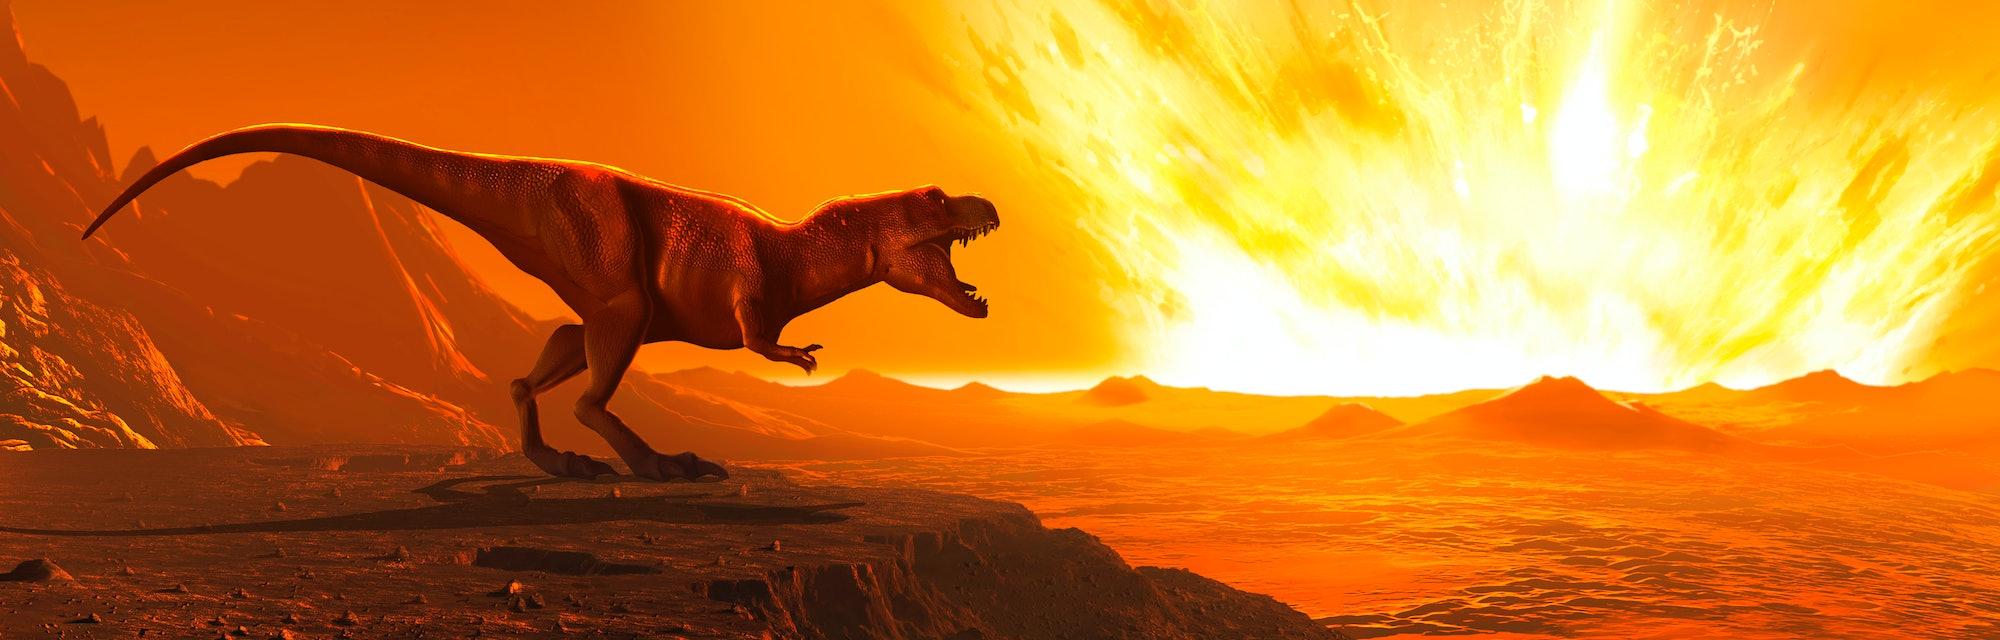 Tyrannosaurus observing asteroid impact